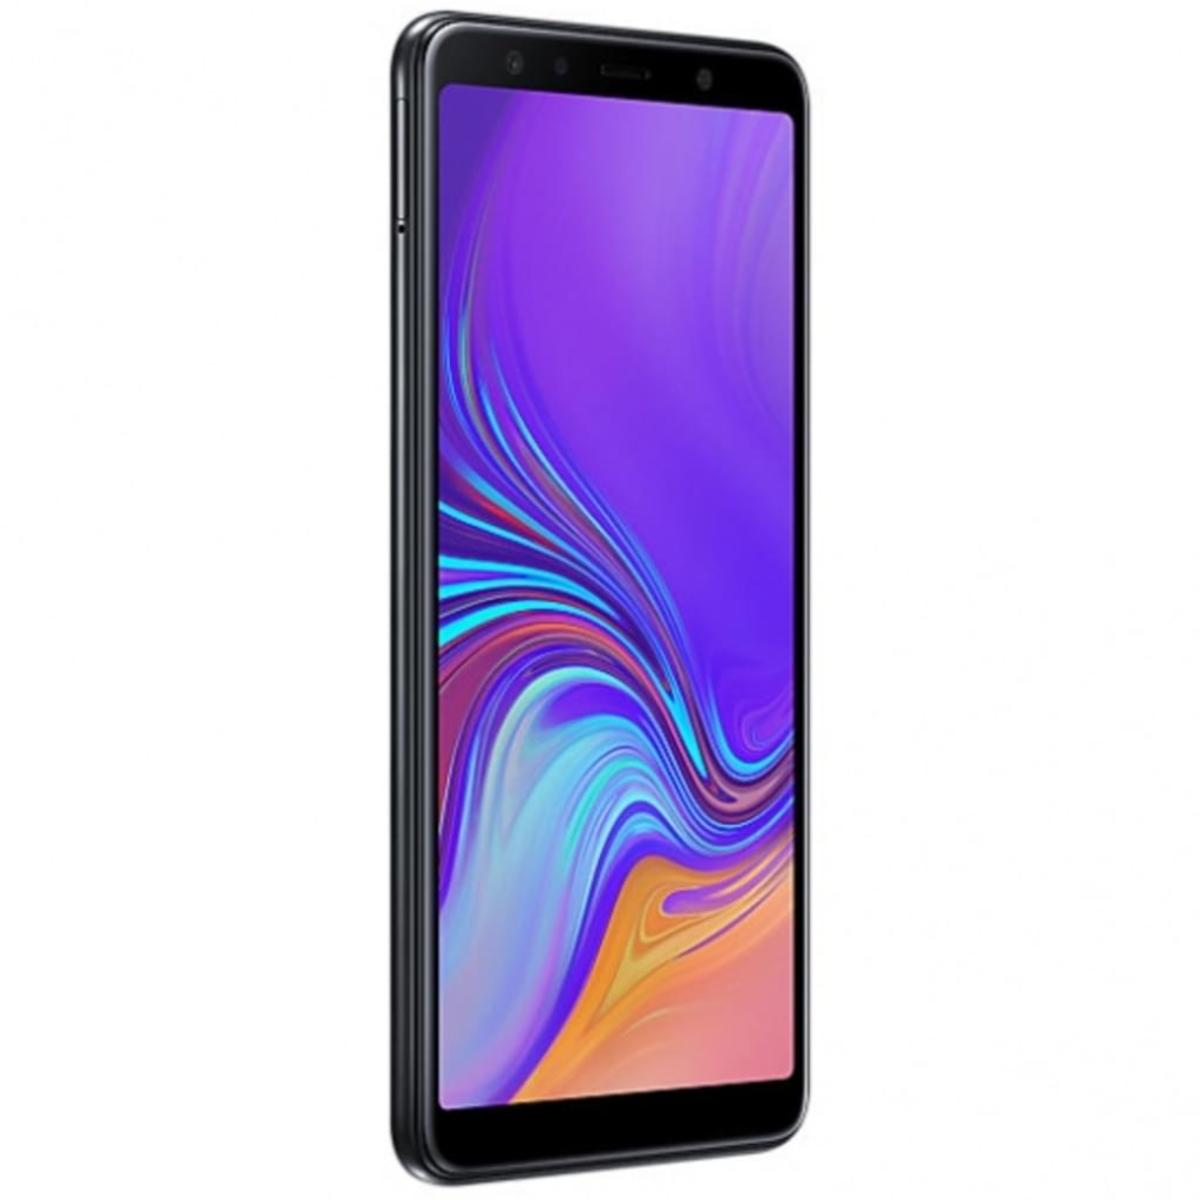 Bild 4 von Samsung Galaxy A7 (2018) 64GB, black